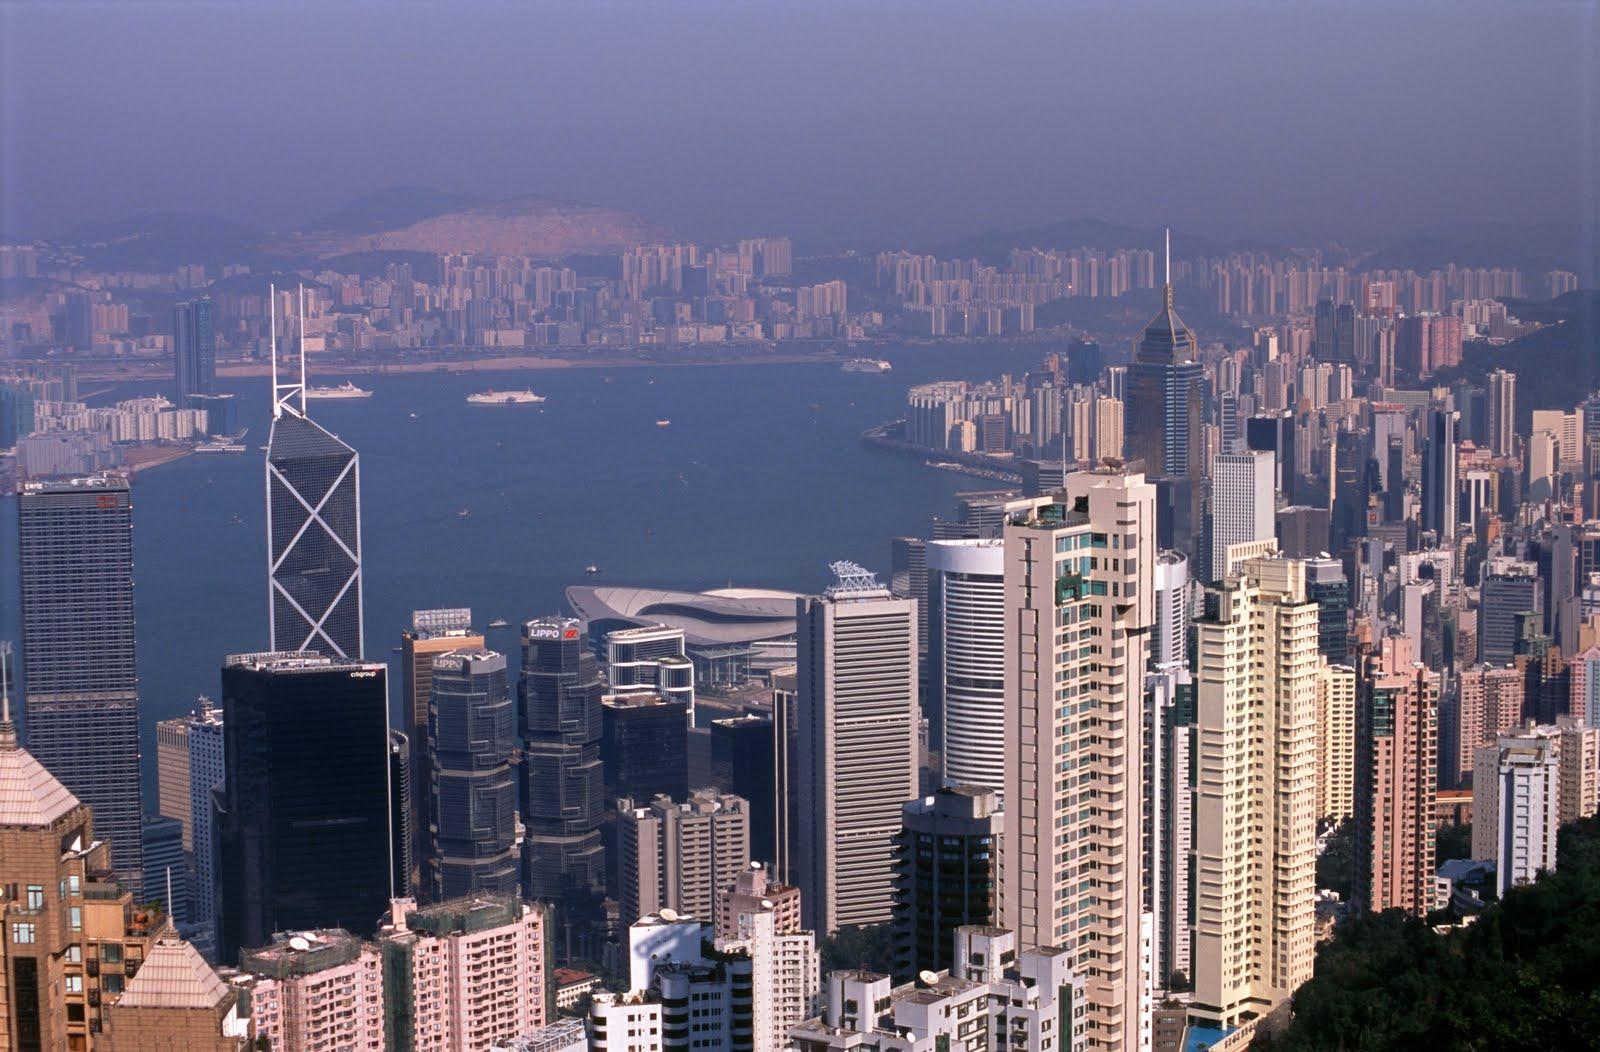 http://4.bp.blogspot.com/--QwC40wIV5w/TjvtDMFBFtI/AAAAAAAAGl0/jnV6DA22HHA/s1600/Urban%20China.jpg